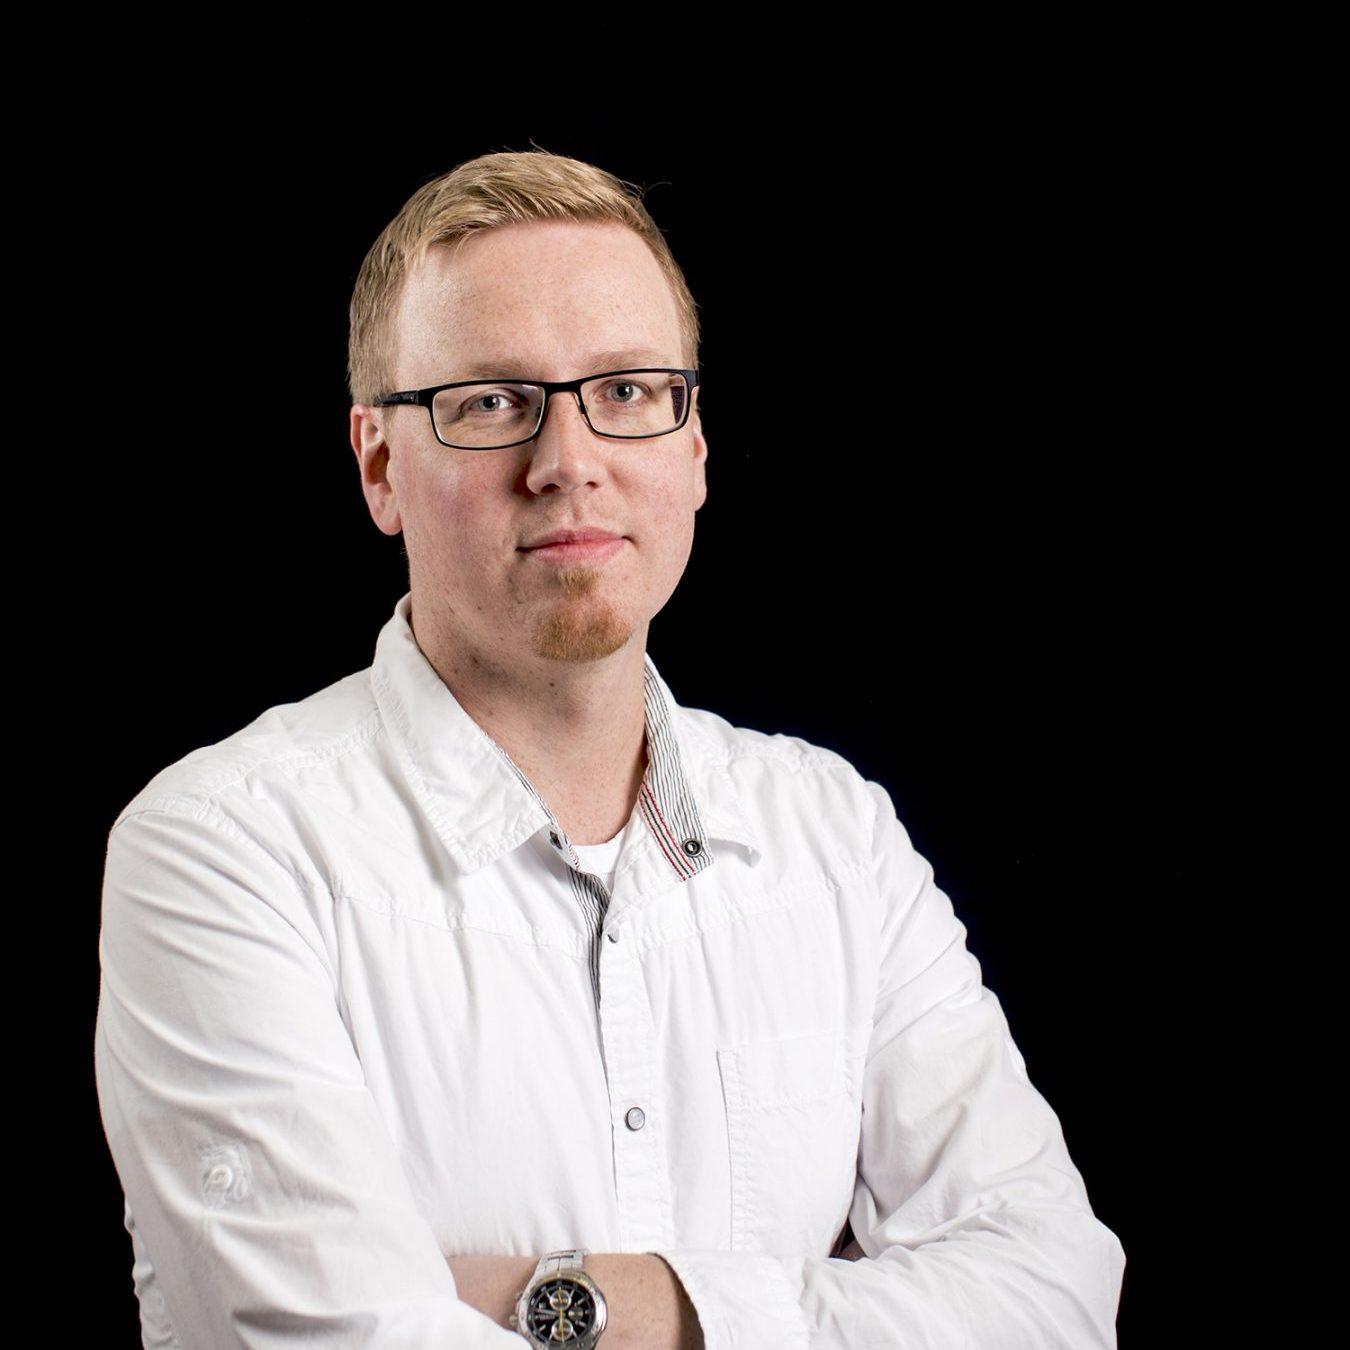 Kalle Varisvirta